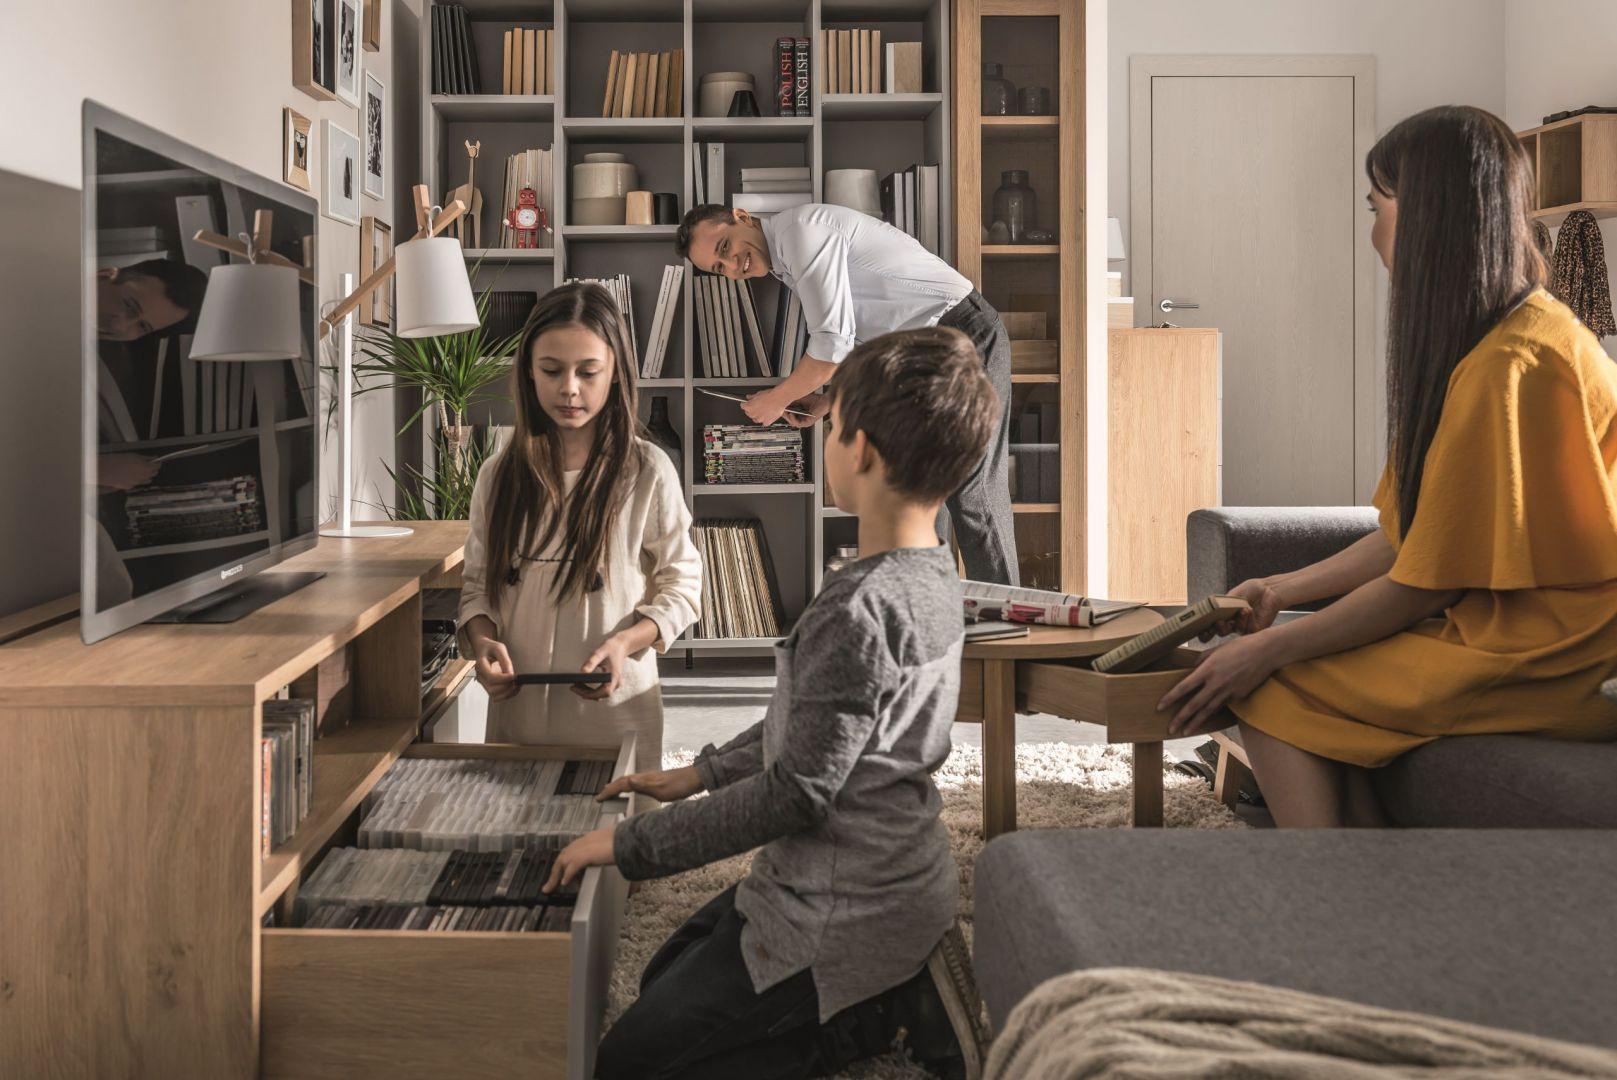 Meble z kolekcji Sipmle możesz komponować na wiele sposobów. Otwarte regały i sprytne schowki ułatwią przechowywanie. Fot. Vox